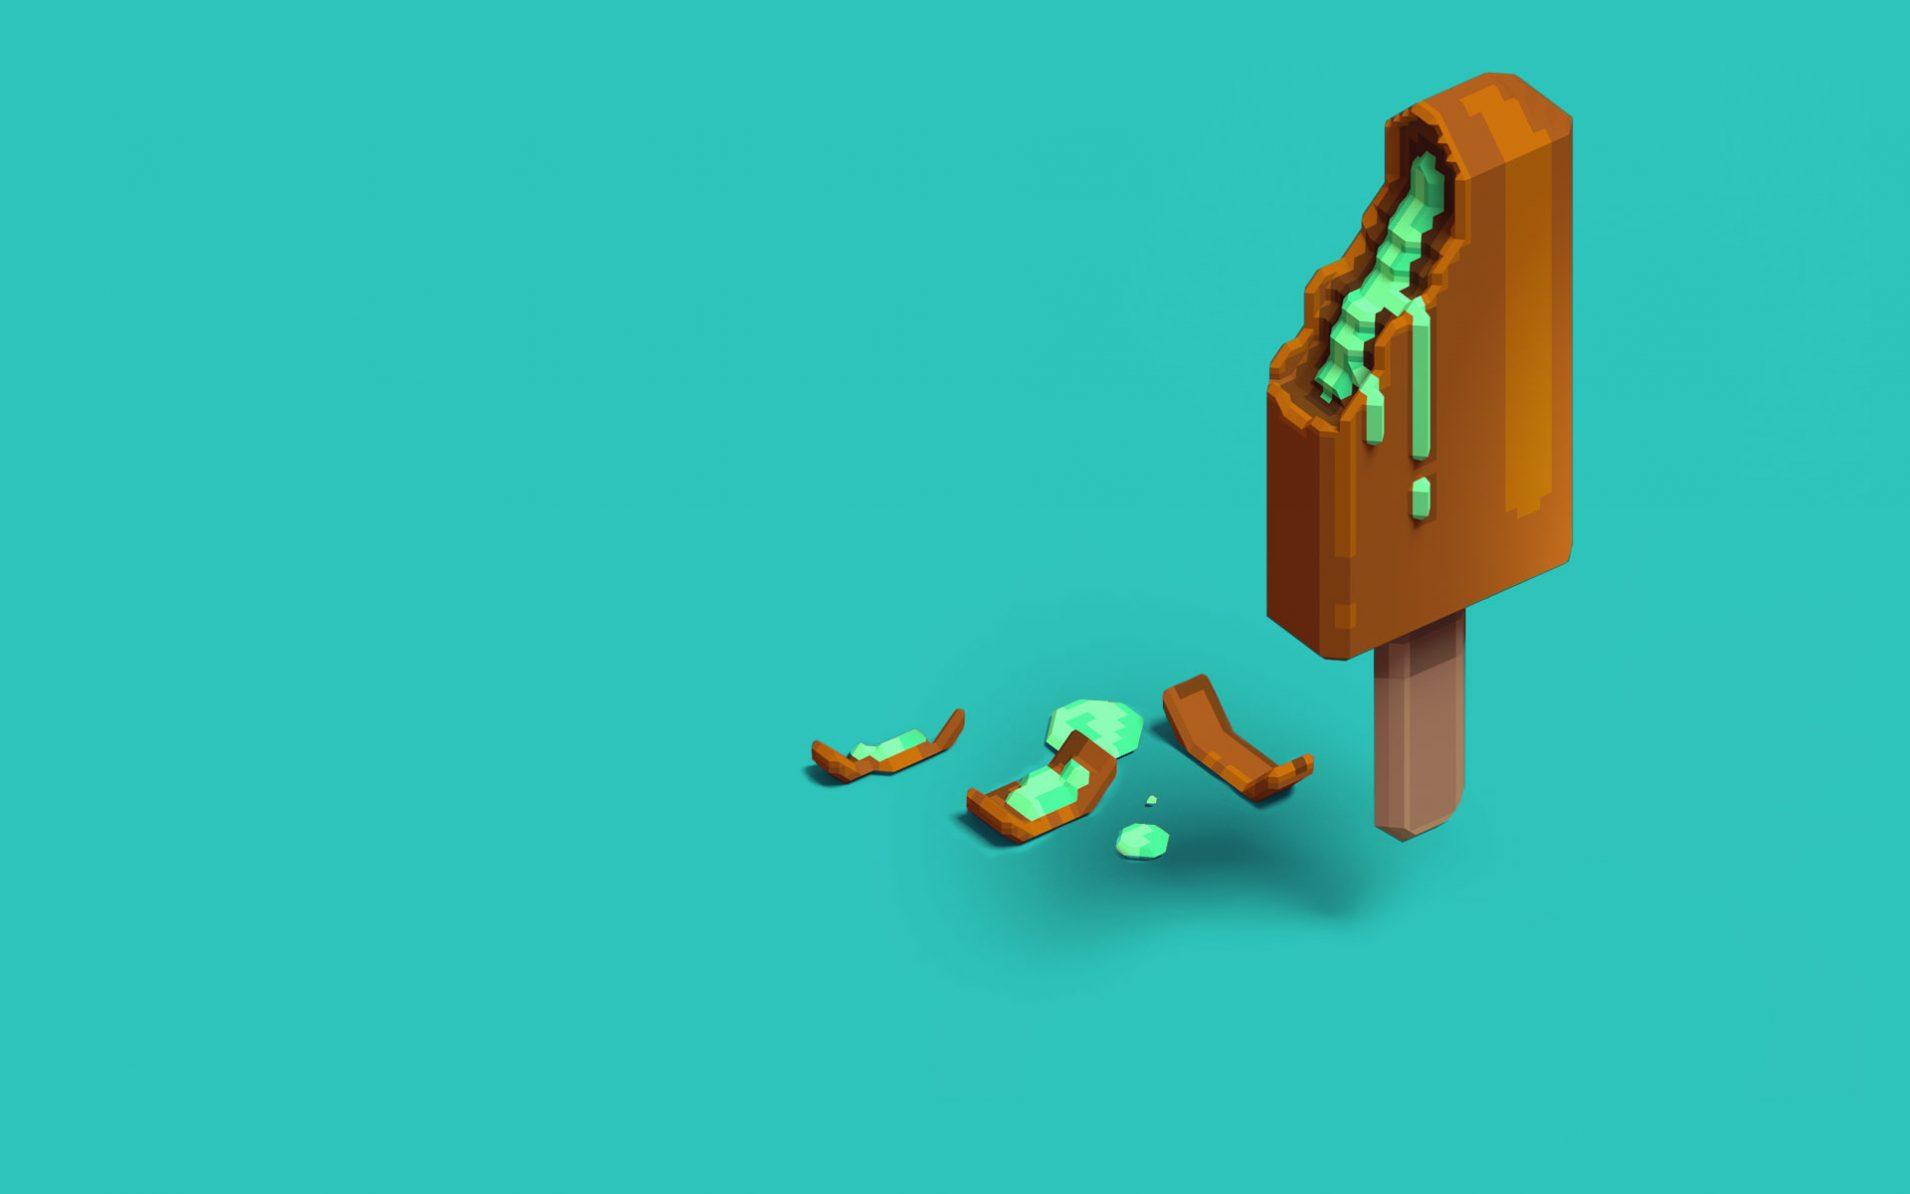 Home voxel slide